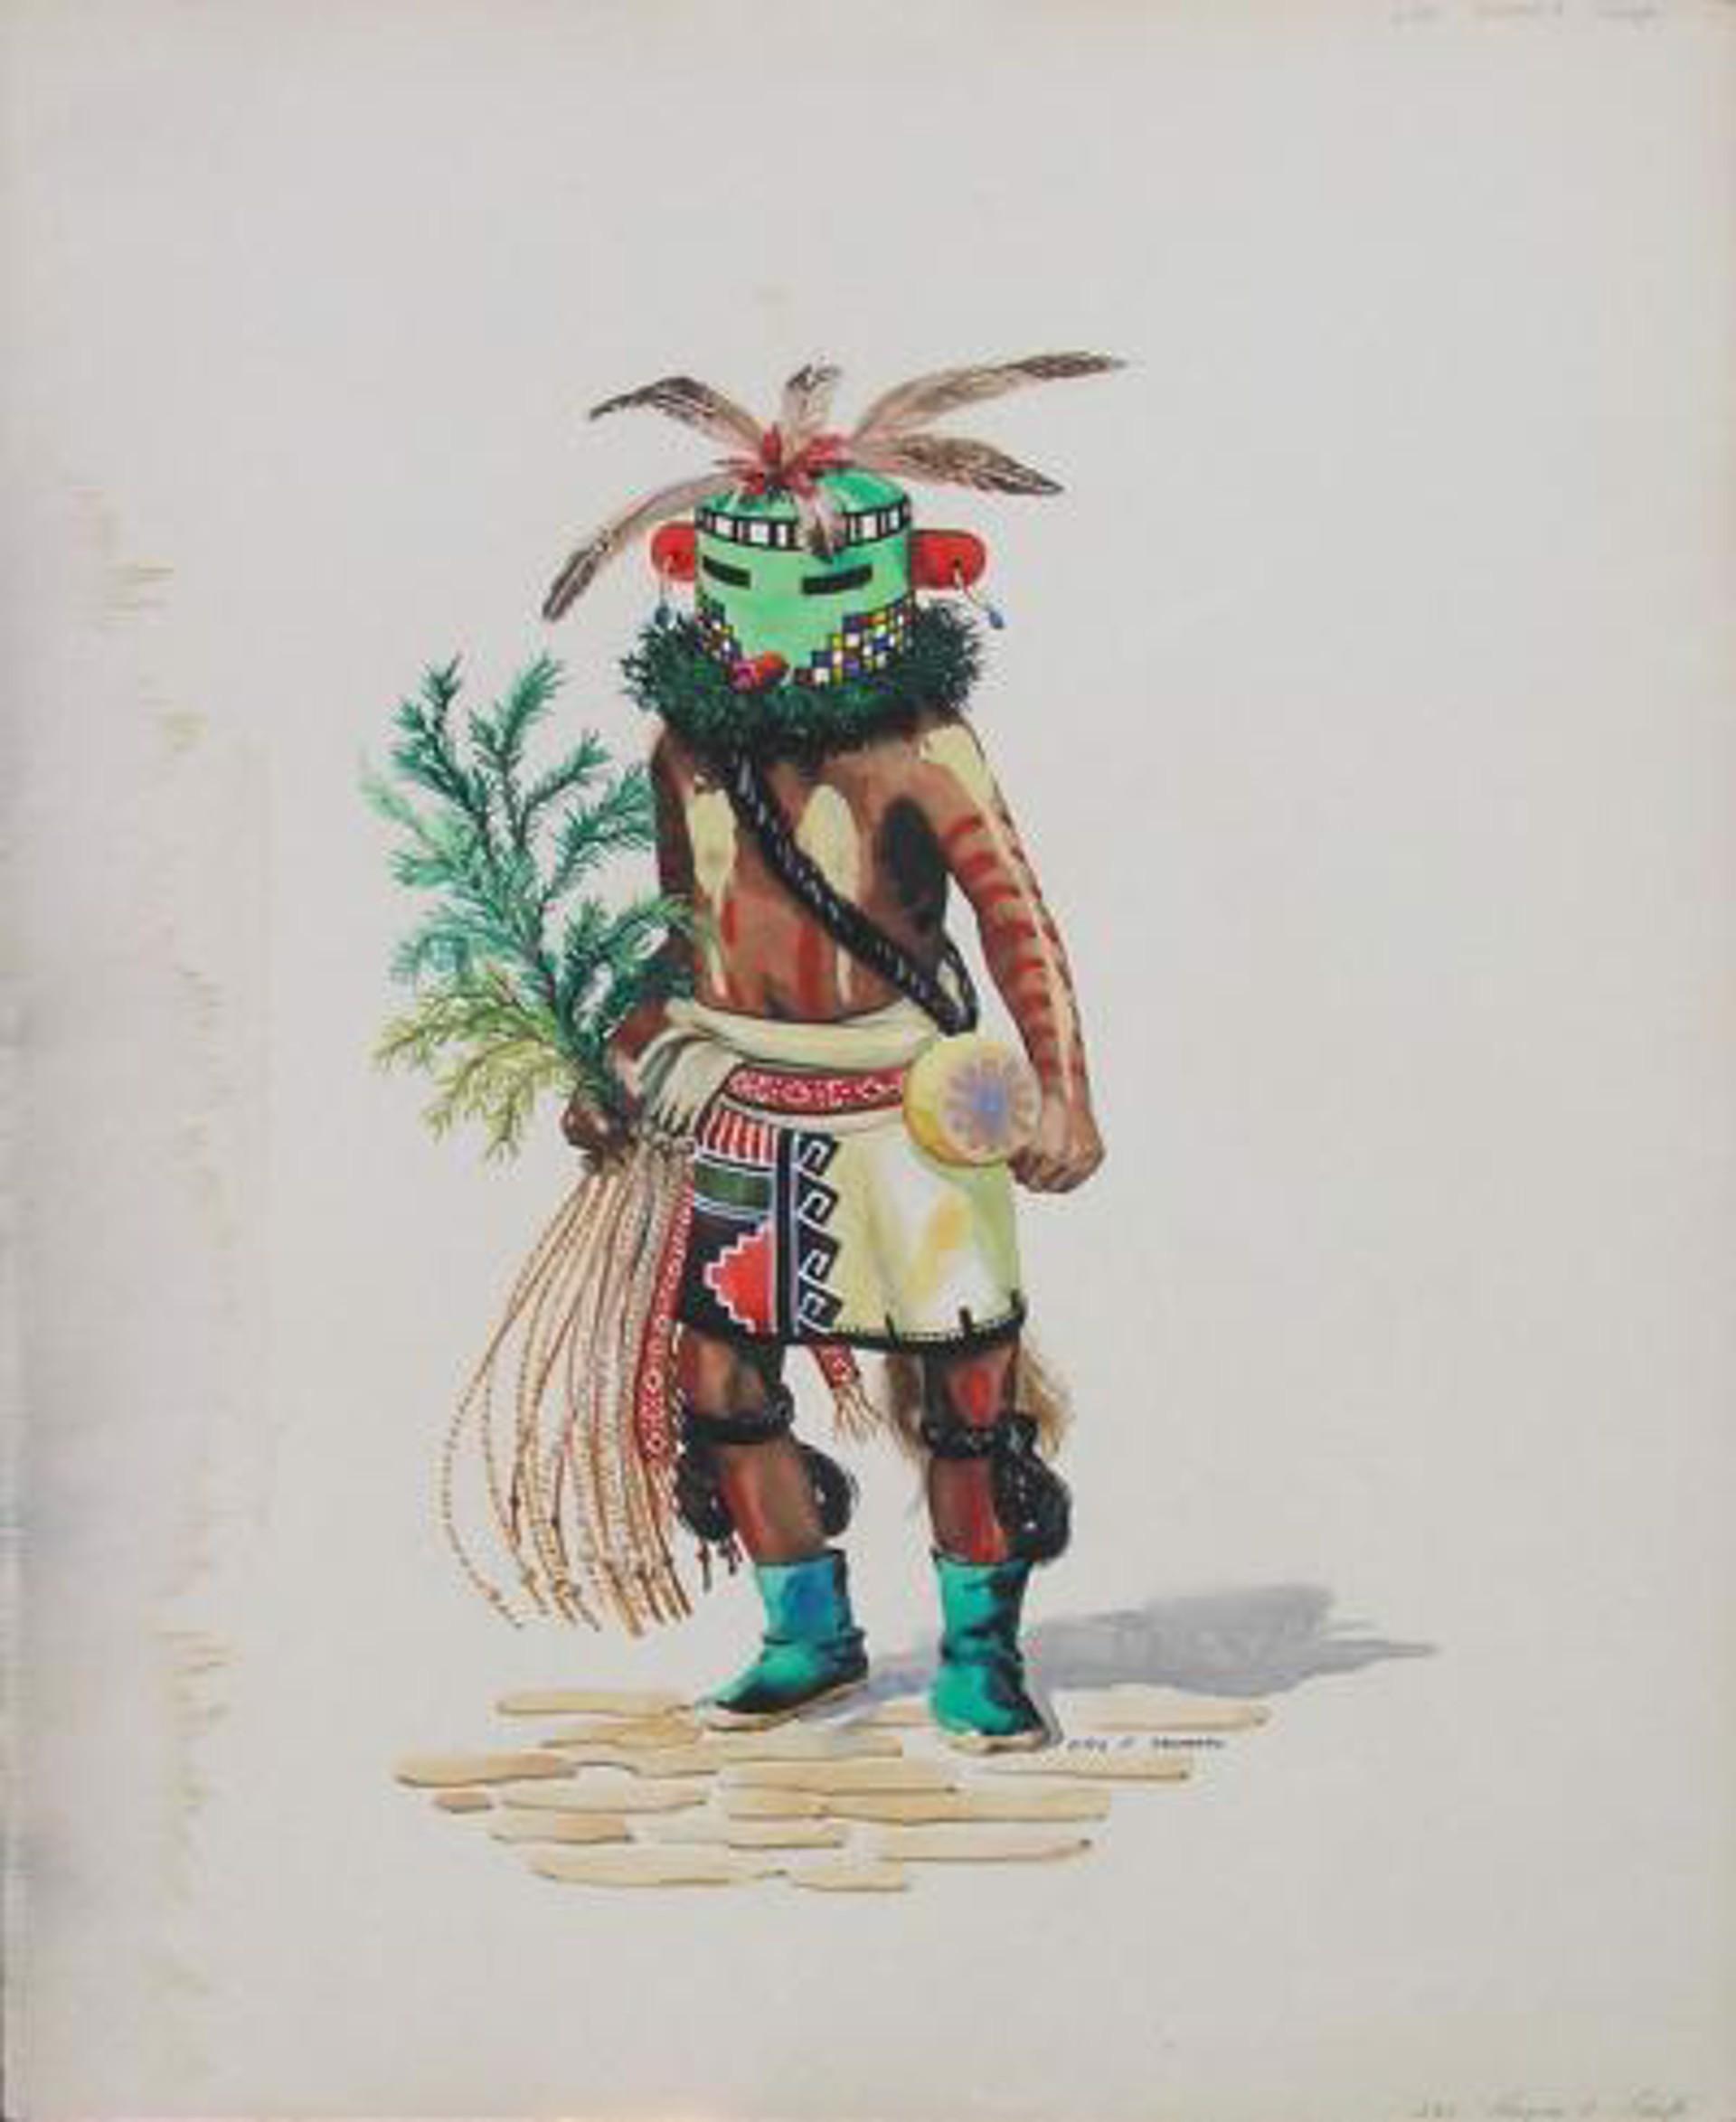 Green Kachina by Otis Thomas